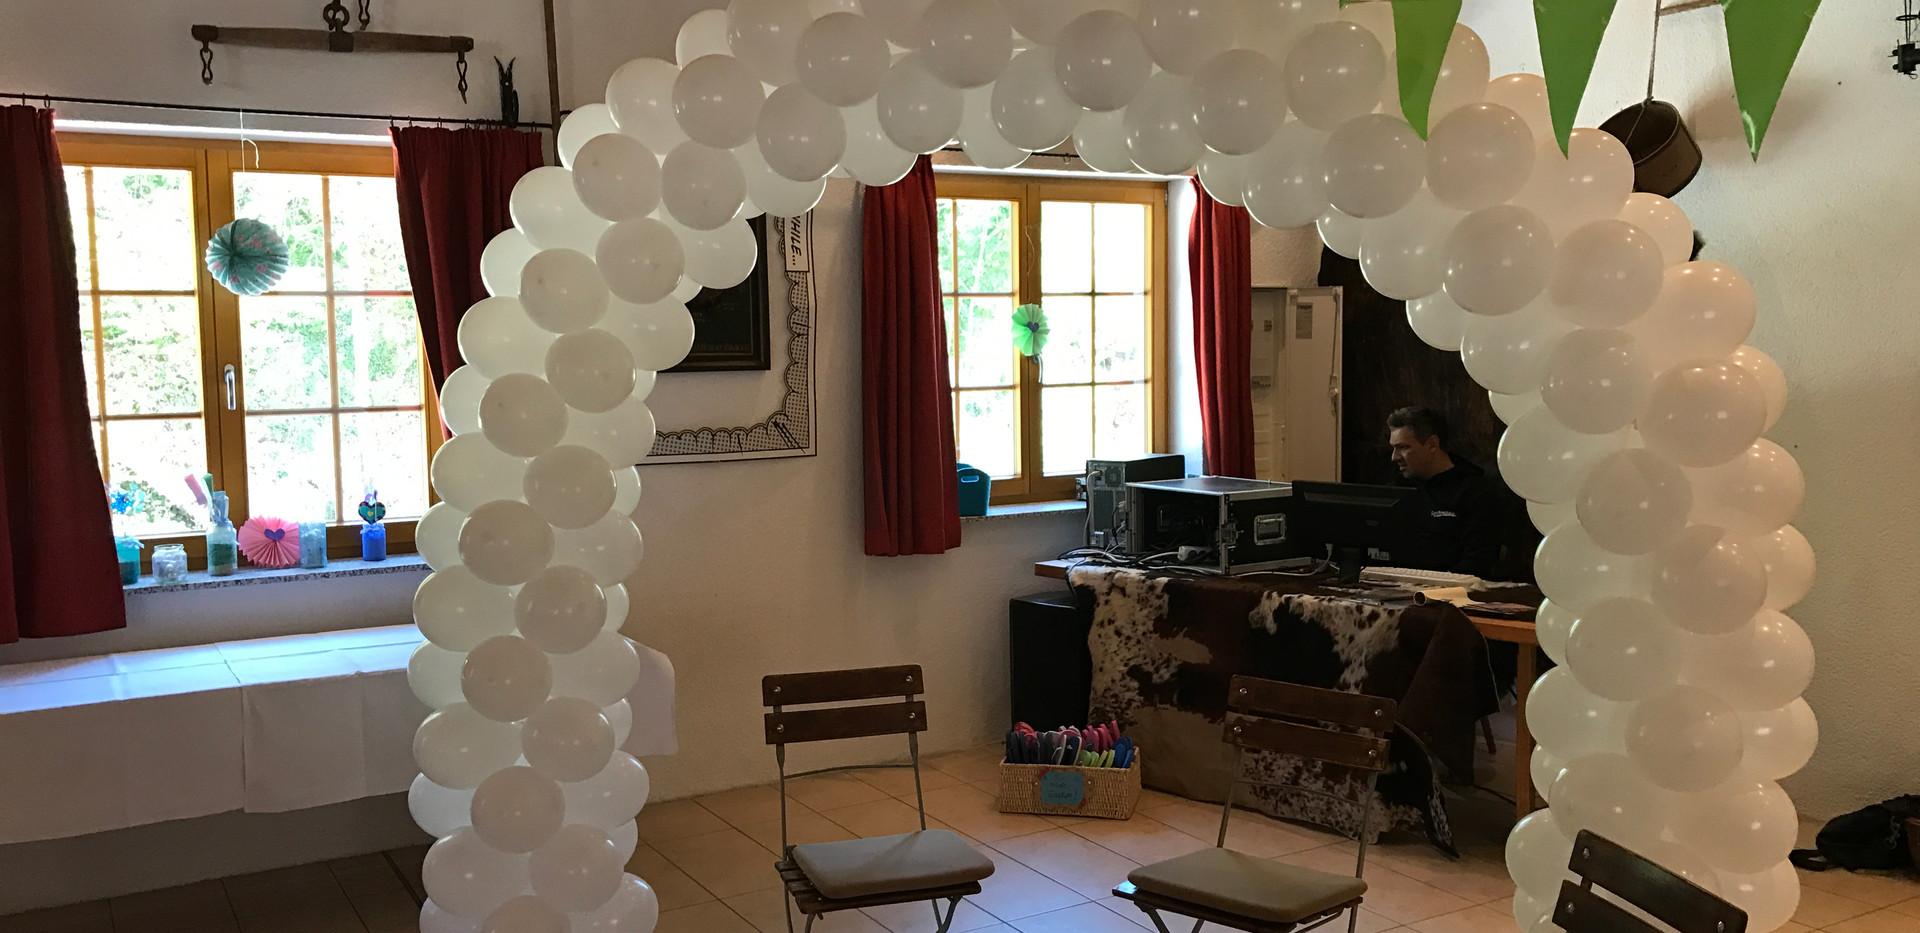 Ballonbogen.JPG